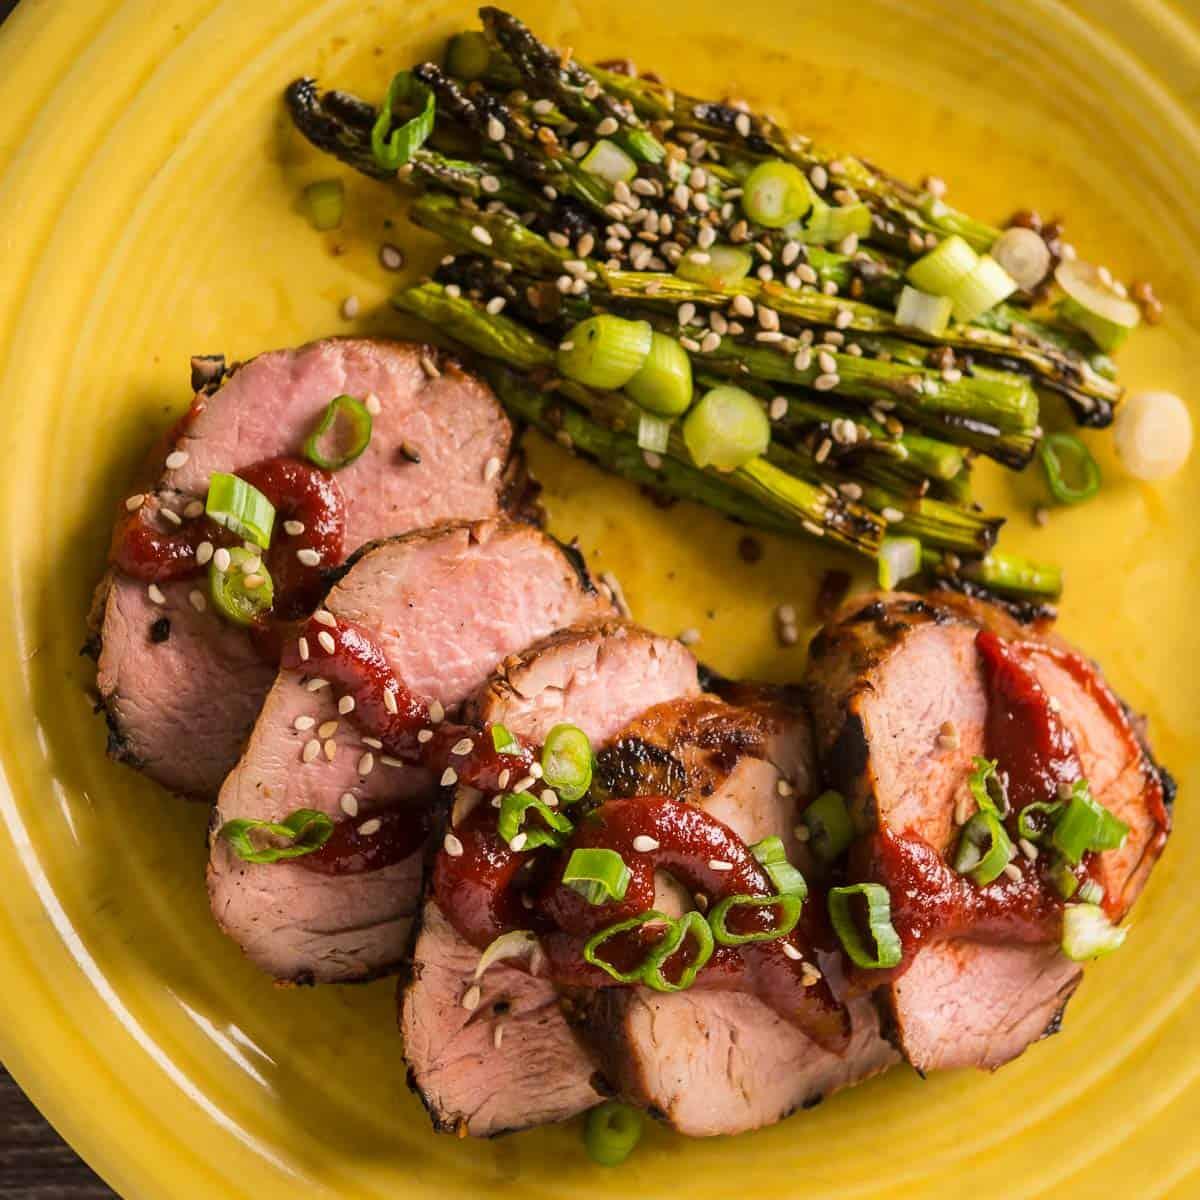 Grilled Pork Tenderloin with Gochujang Marinade - DadCooksDinner